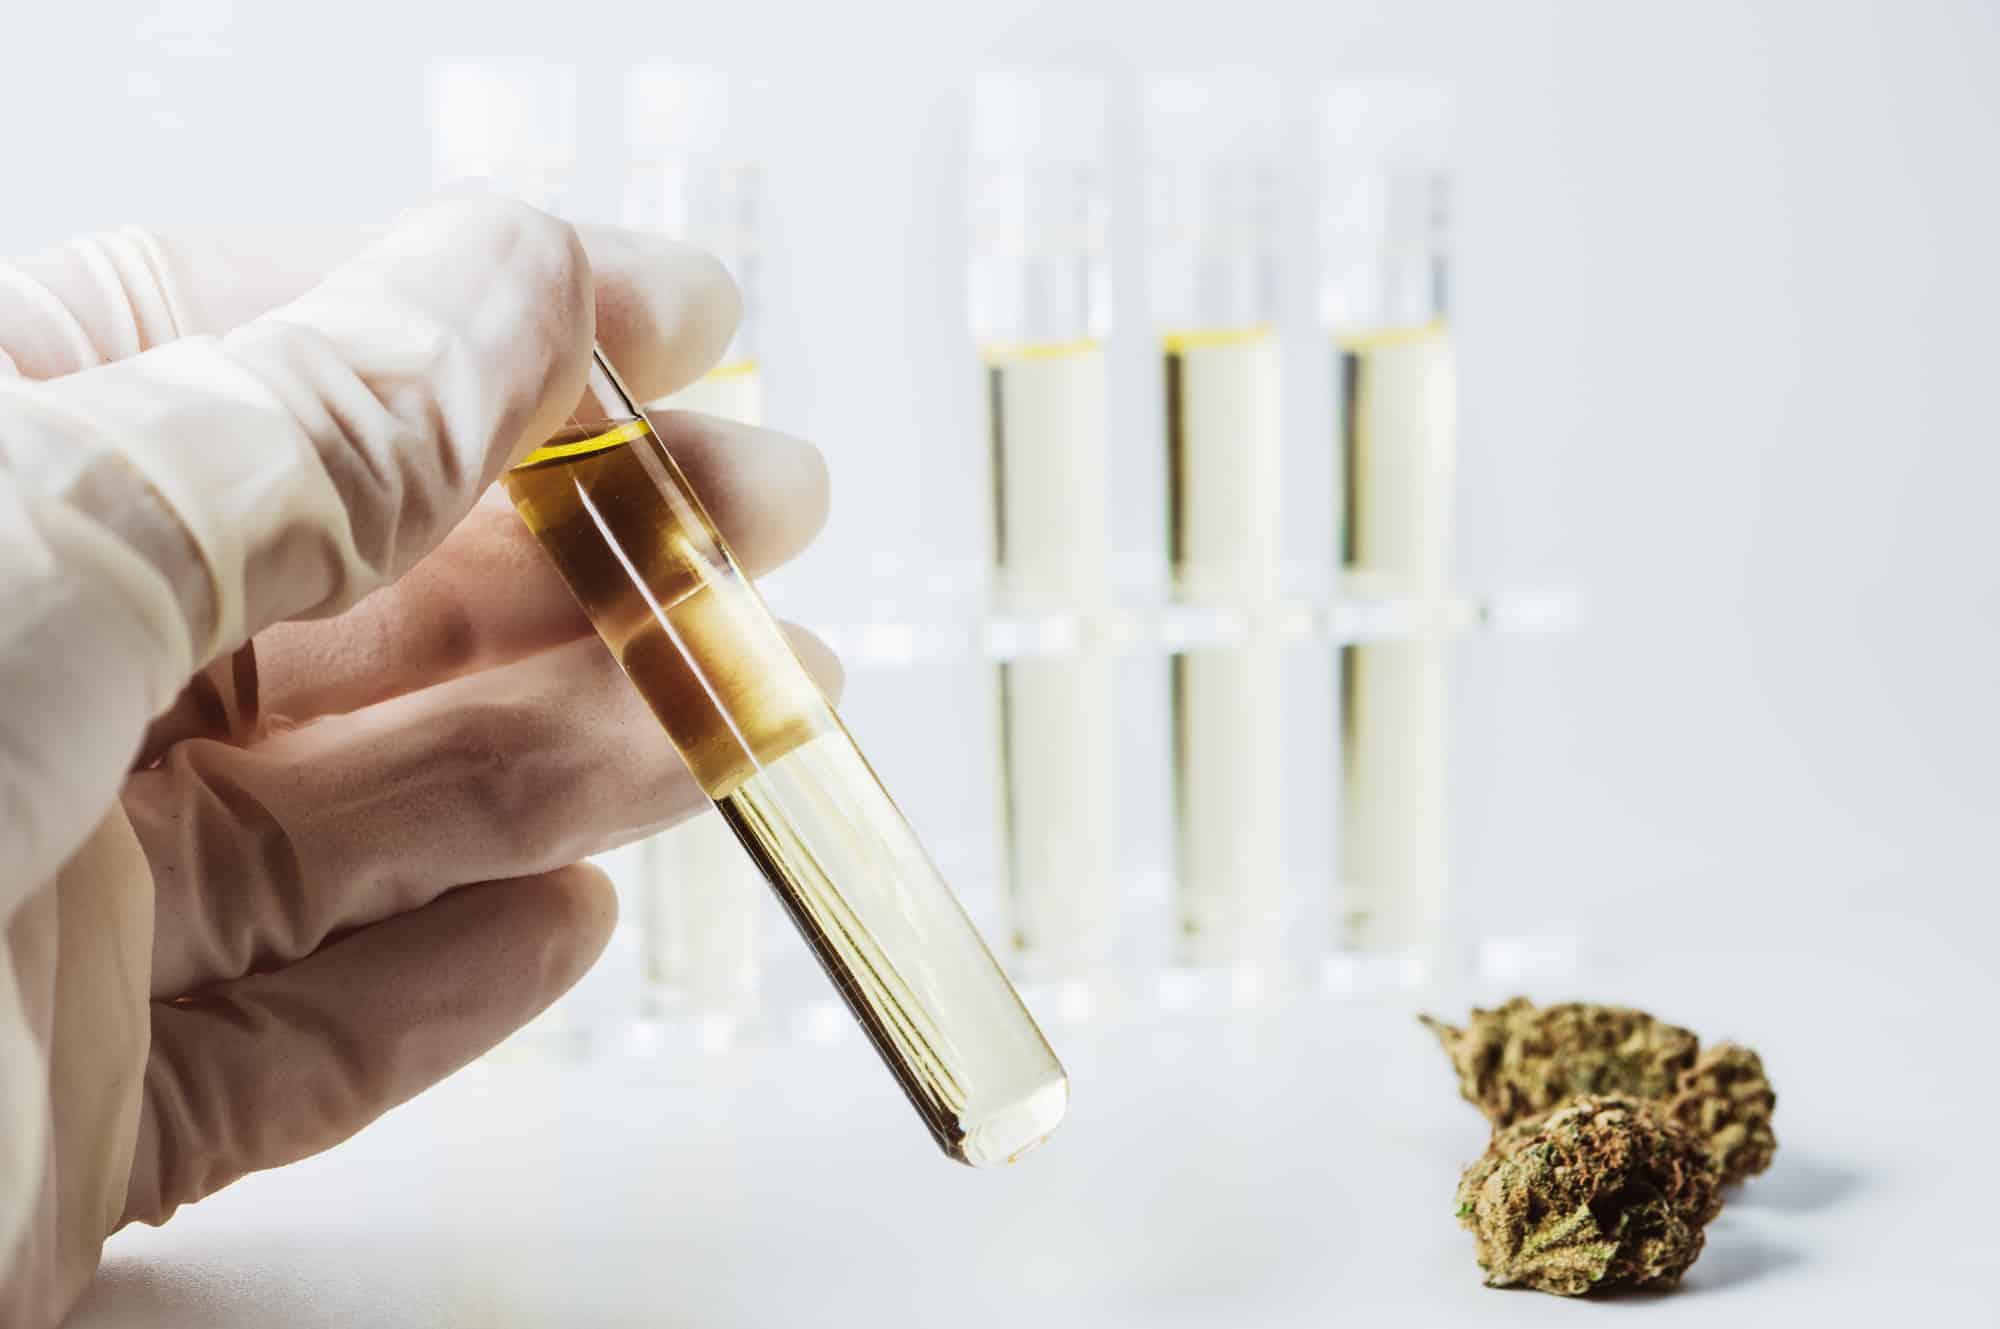 בדיקות שתן לגילוי סמים - כל מה שצריך לדעת